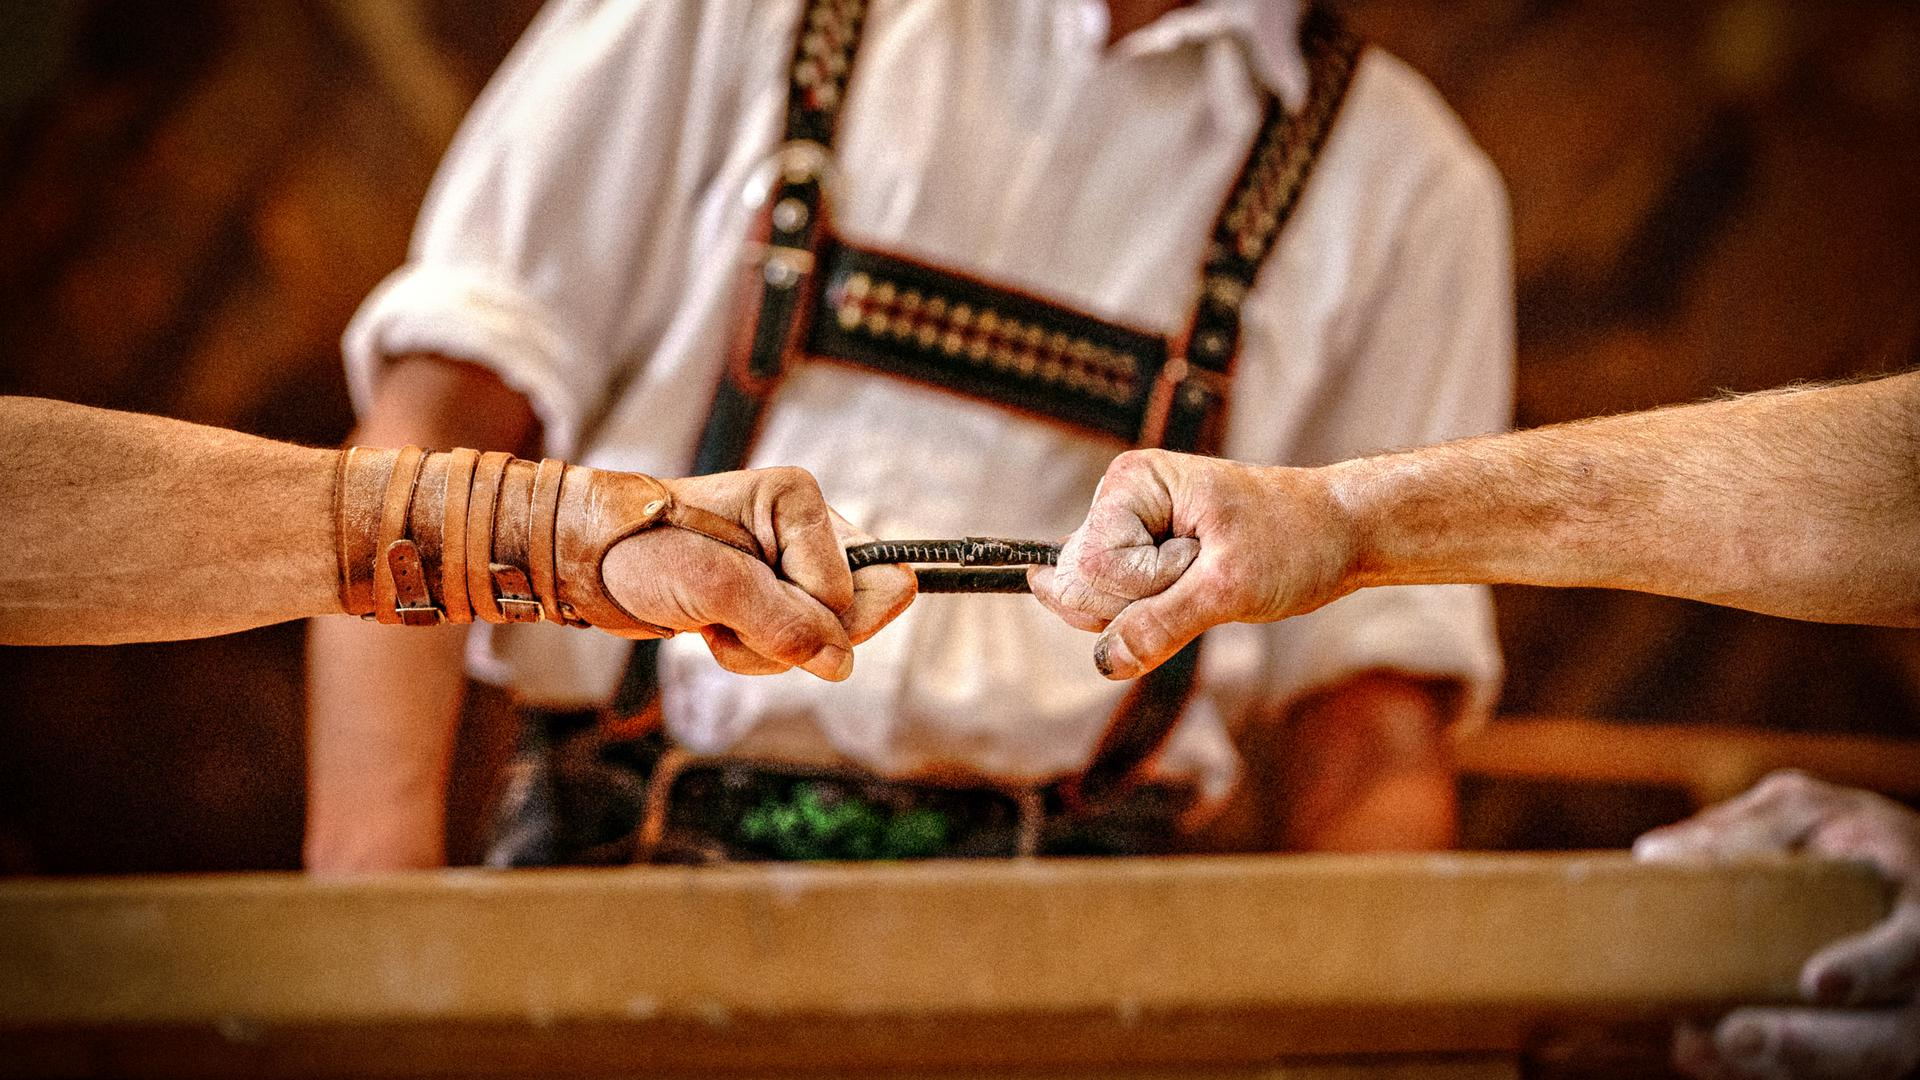 Kräftemessen unter harten Männern: Wenn bayerische Männer zum Fingerhakeln antreten, ist kein Platz für Jammerlappen. Die Alpenländische Meisterschaft musste wegen der Corona-Pademie in diesem Jahr abgesagt werden.